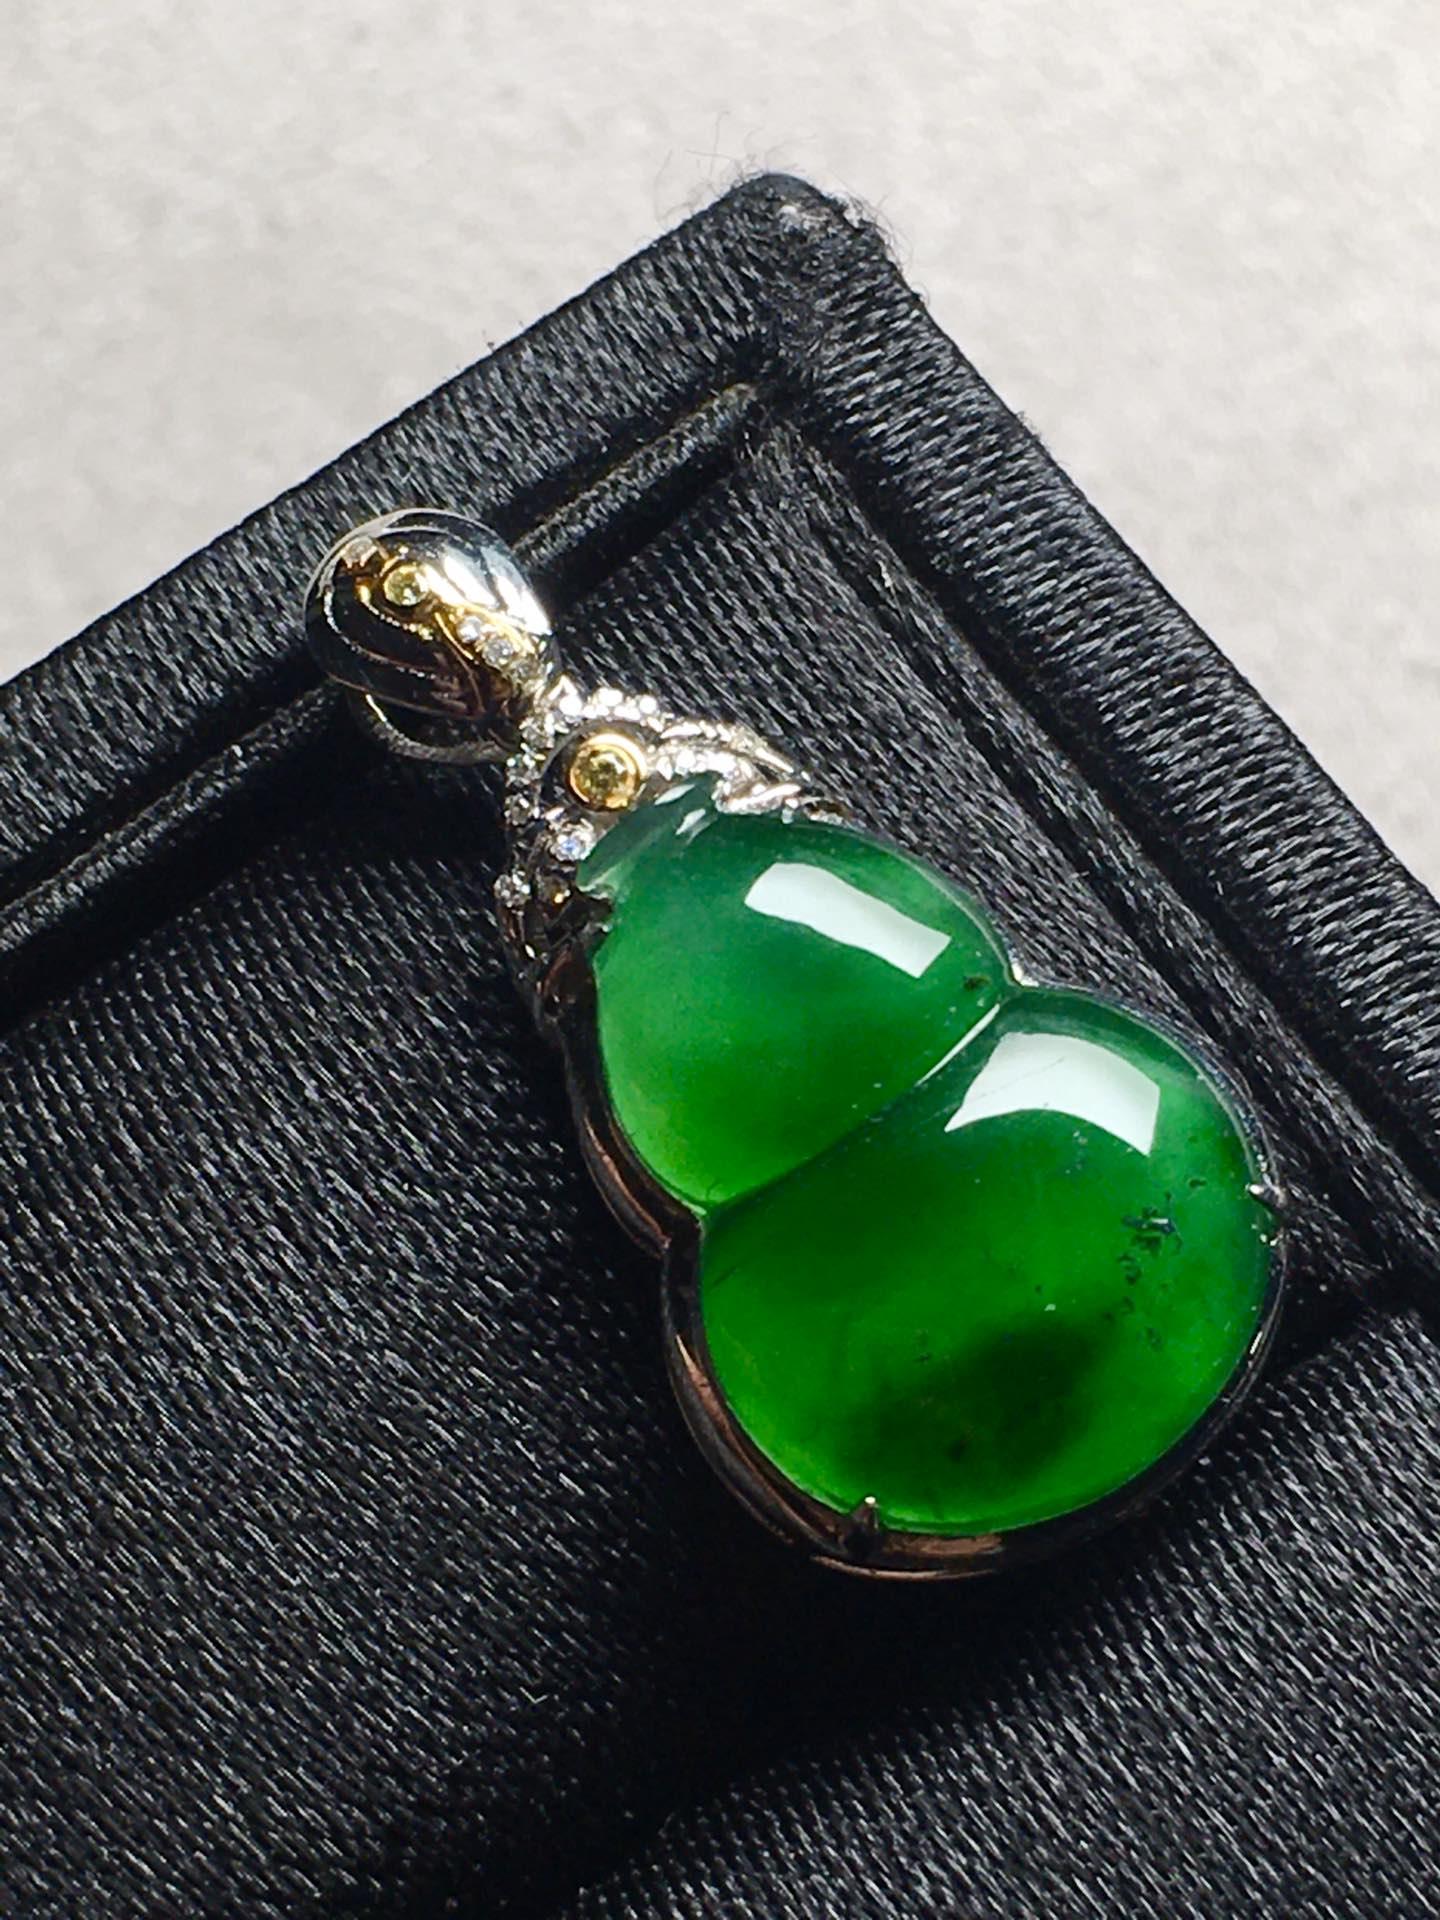 价❤高冰帝王绿葫芦吊坠,色辣,冰透完美。裸石:15-10.7-5